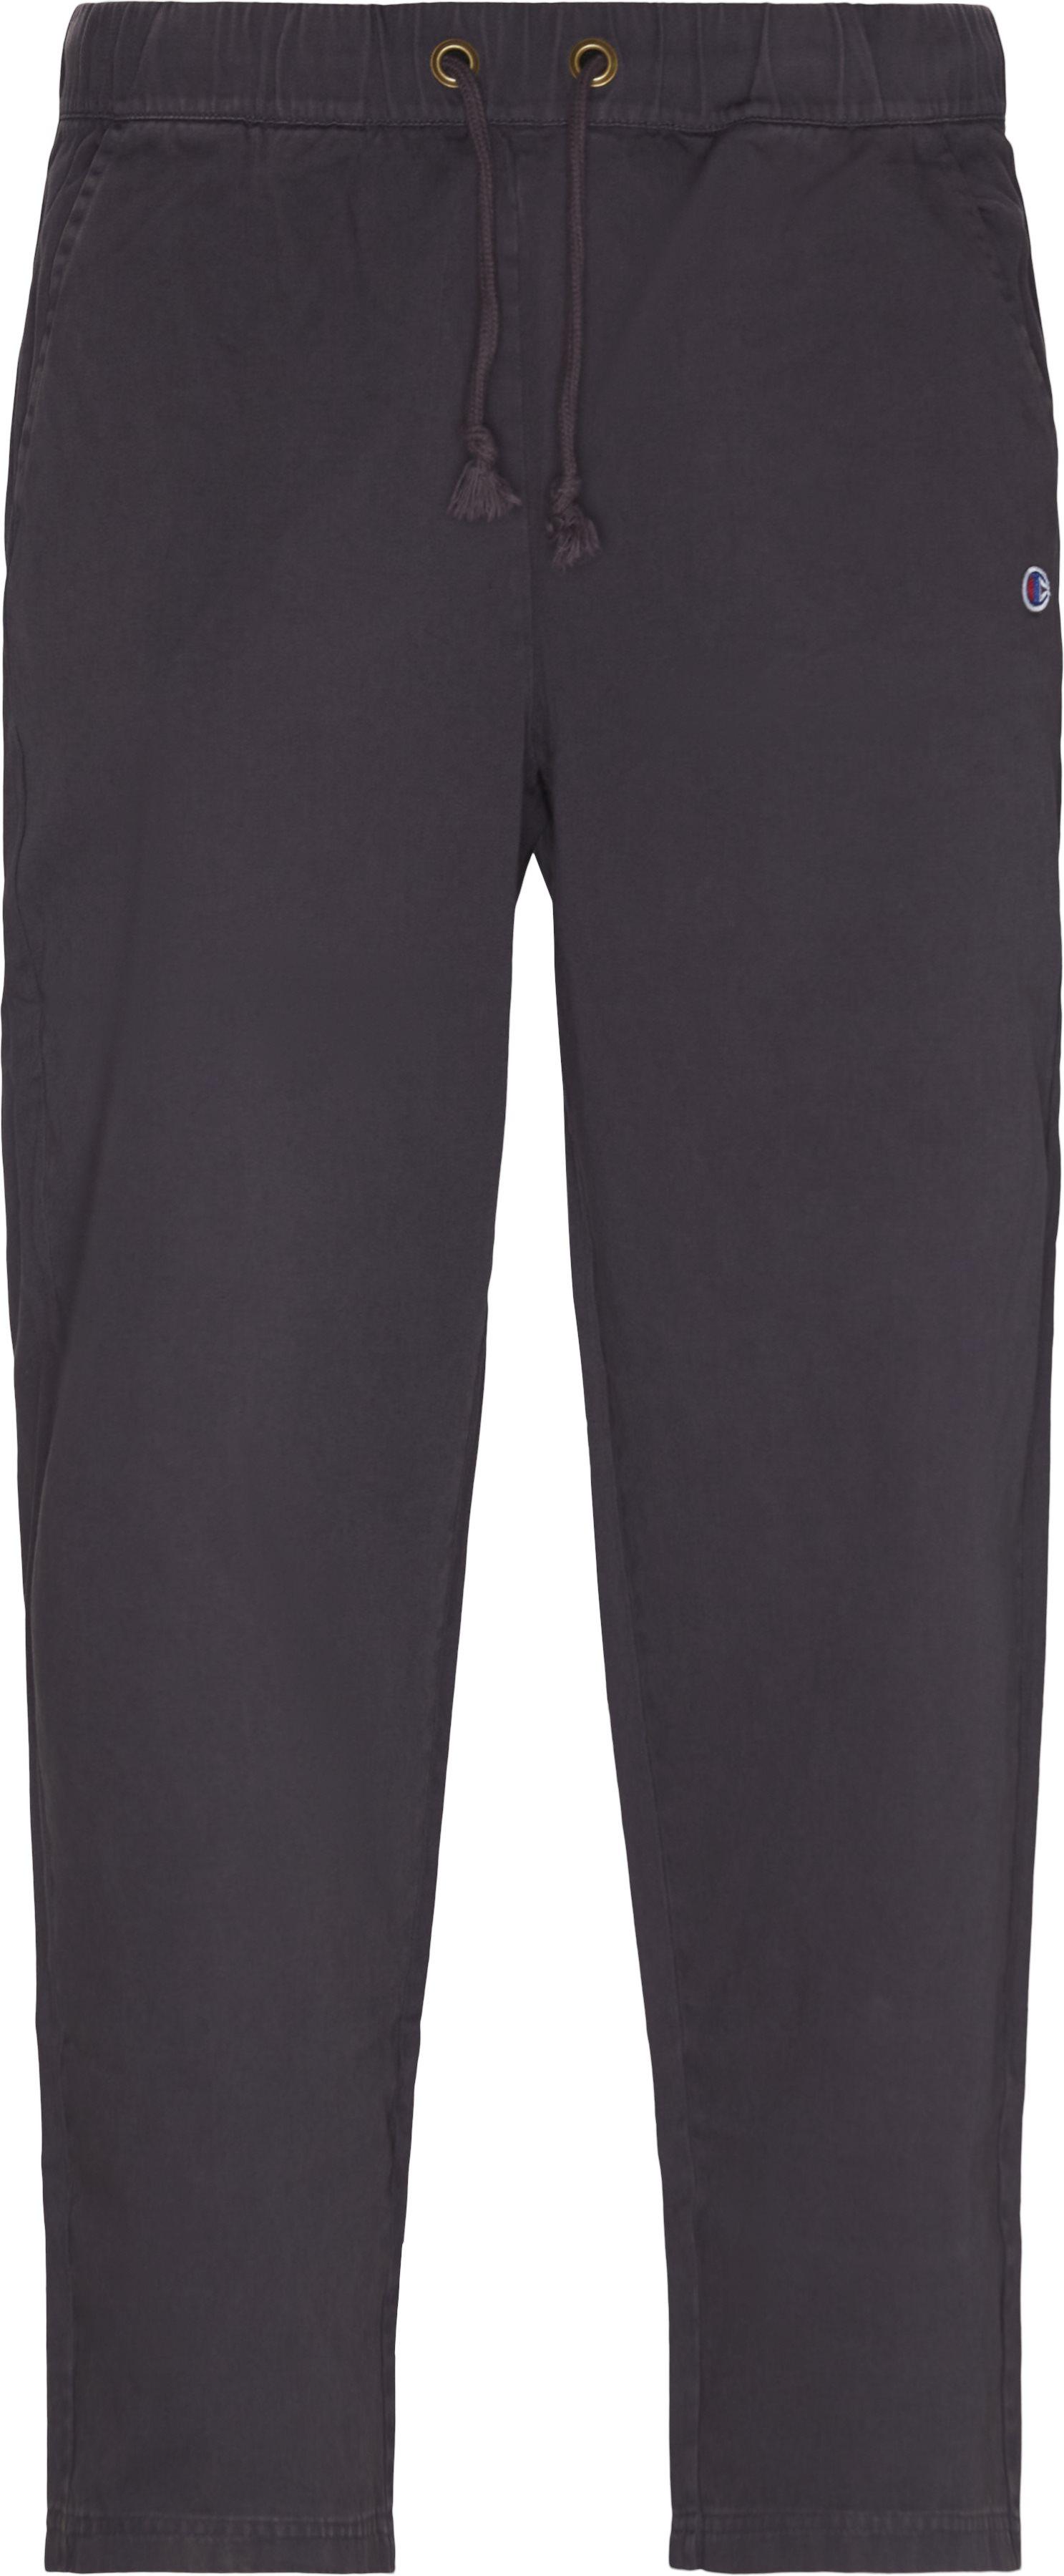 Logo Comfort Pant - Trousers - Loose fit - Grey